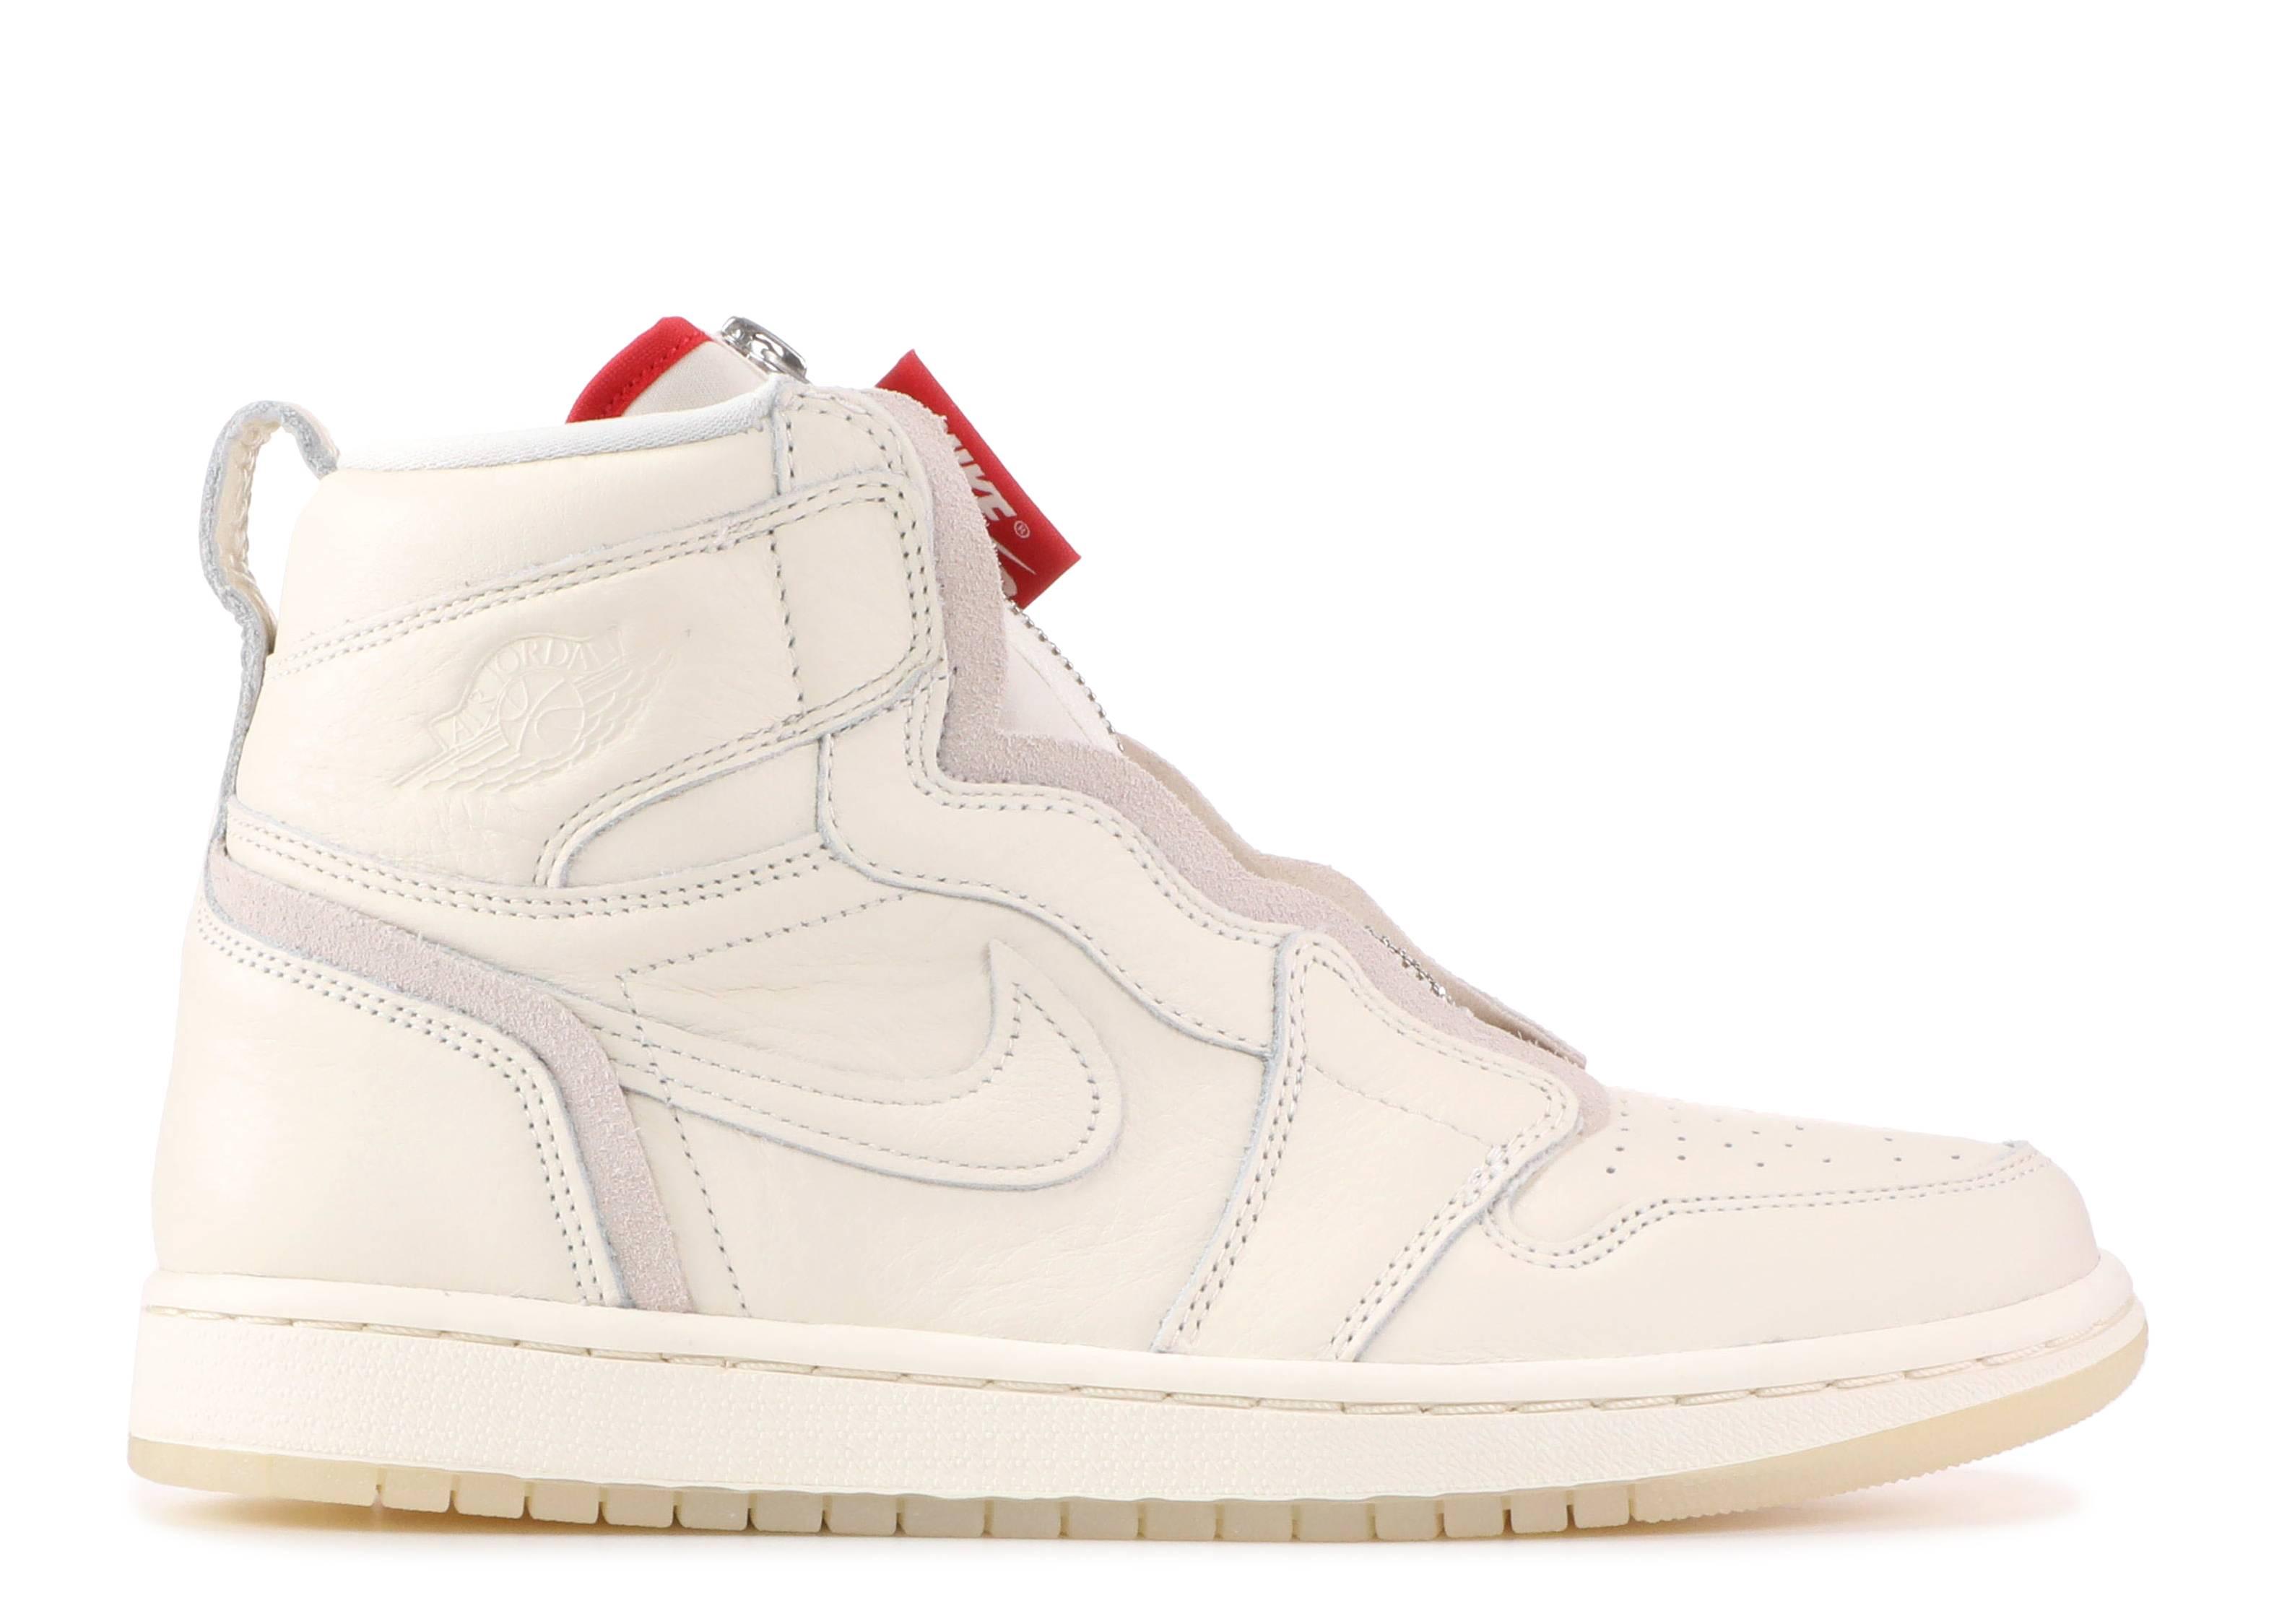 2c7cb37610b Wair Jordan 1 High Zip Awok